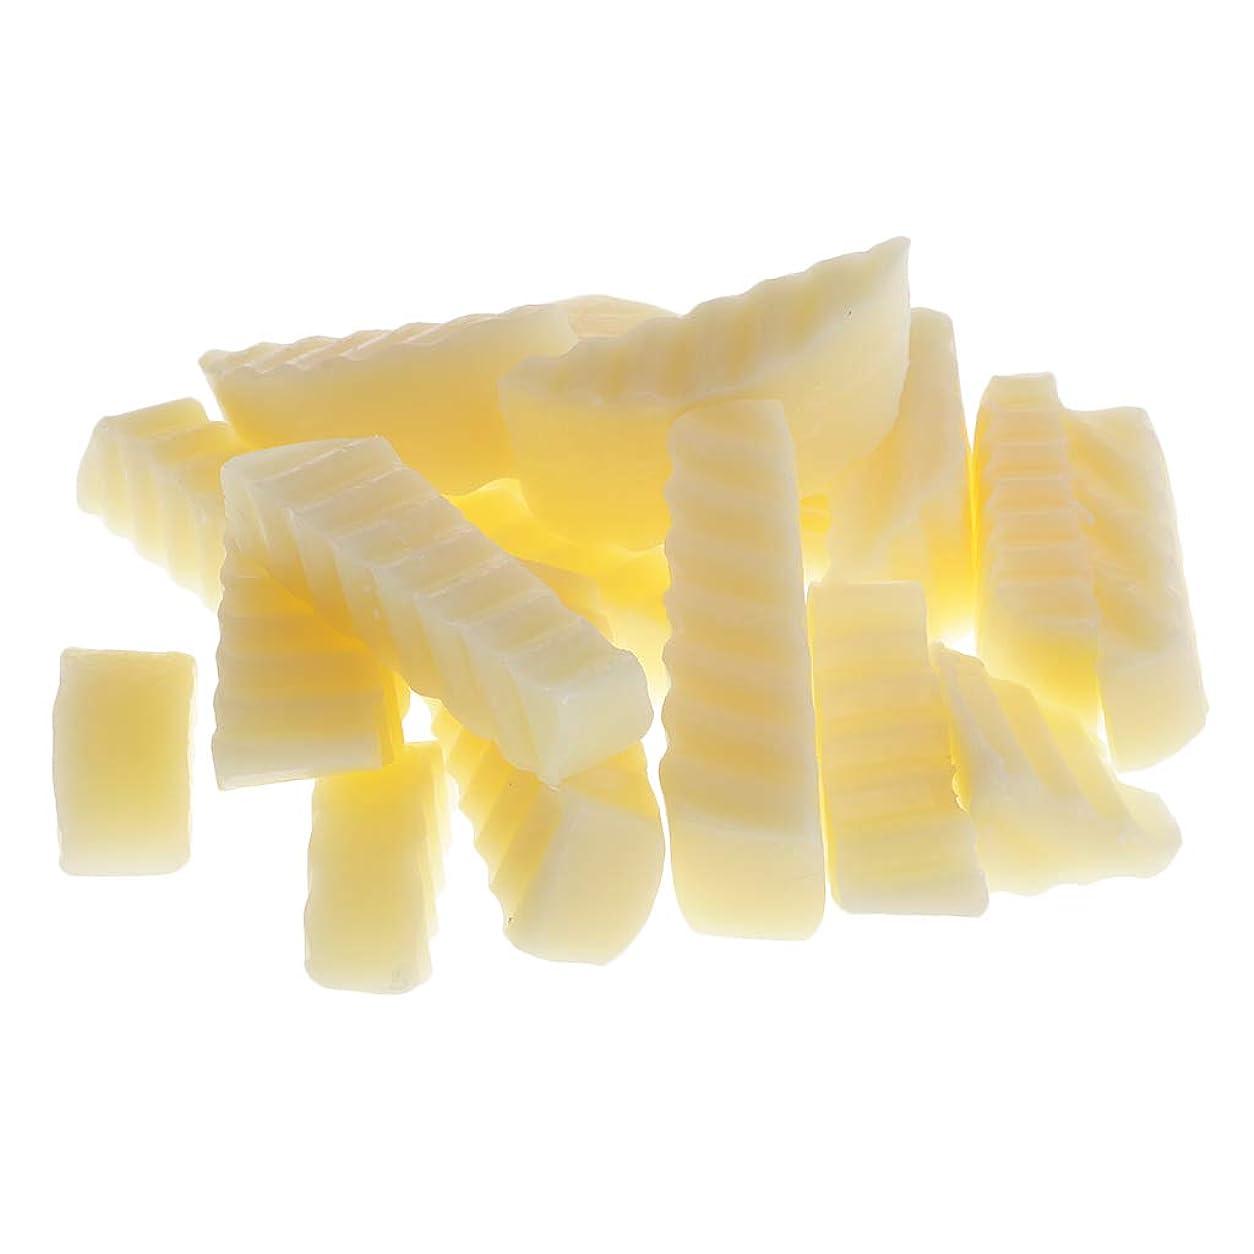 なので母性不幸Perfeclan 約250g /パック ラノリン石鹸 自然な素材 DIY手作り 石鹸 固形せっけん 使いやすい